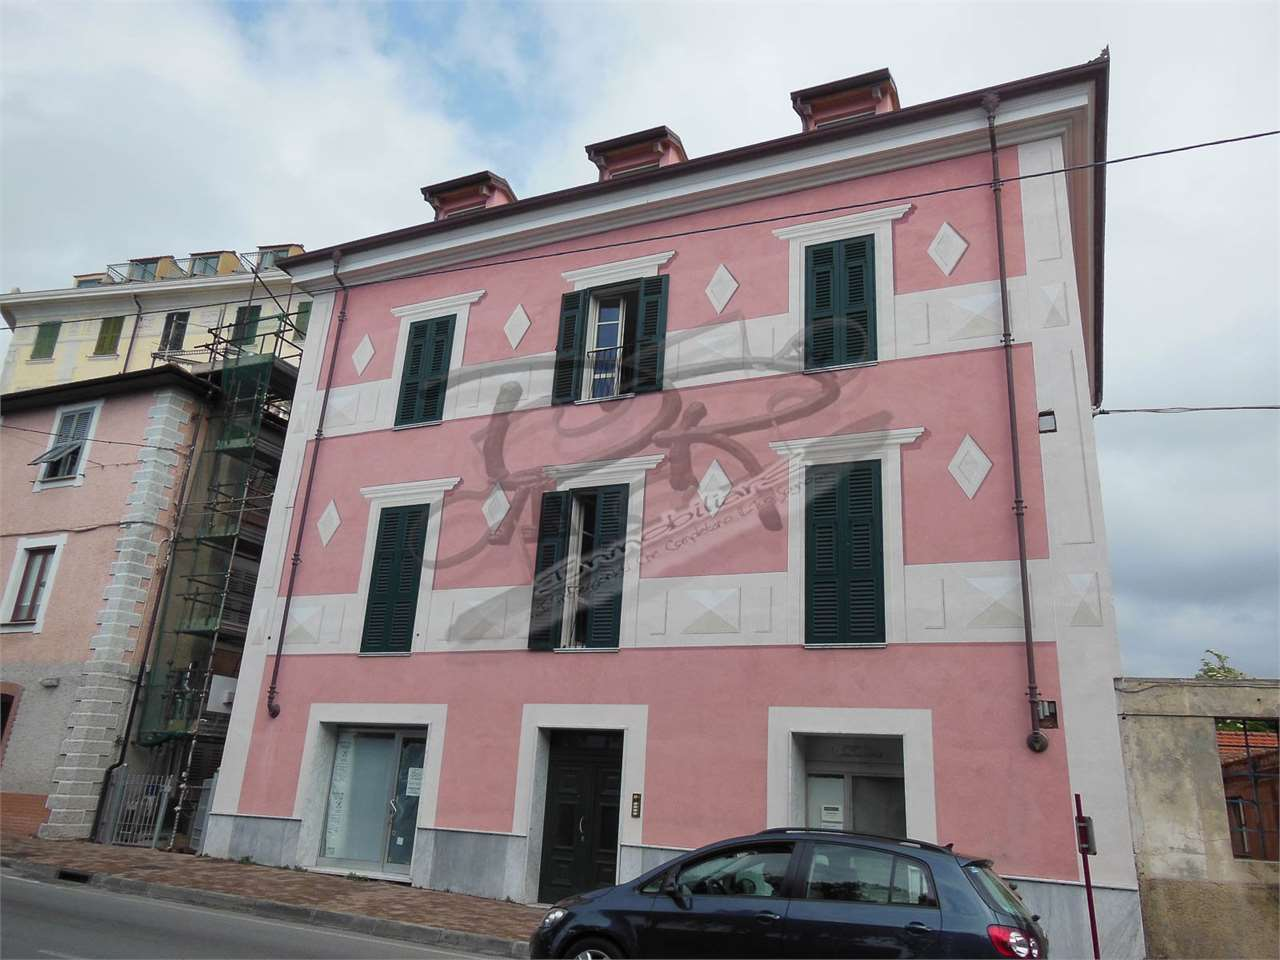 Appartamento in vendita a Albissola Marina, 3 locali, Trattative riservate | Cambio Casa.it